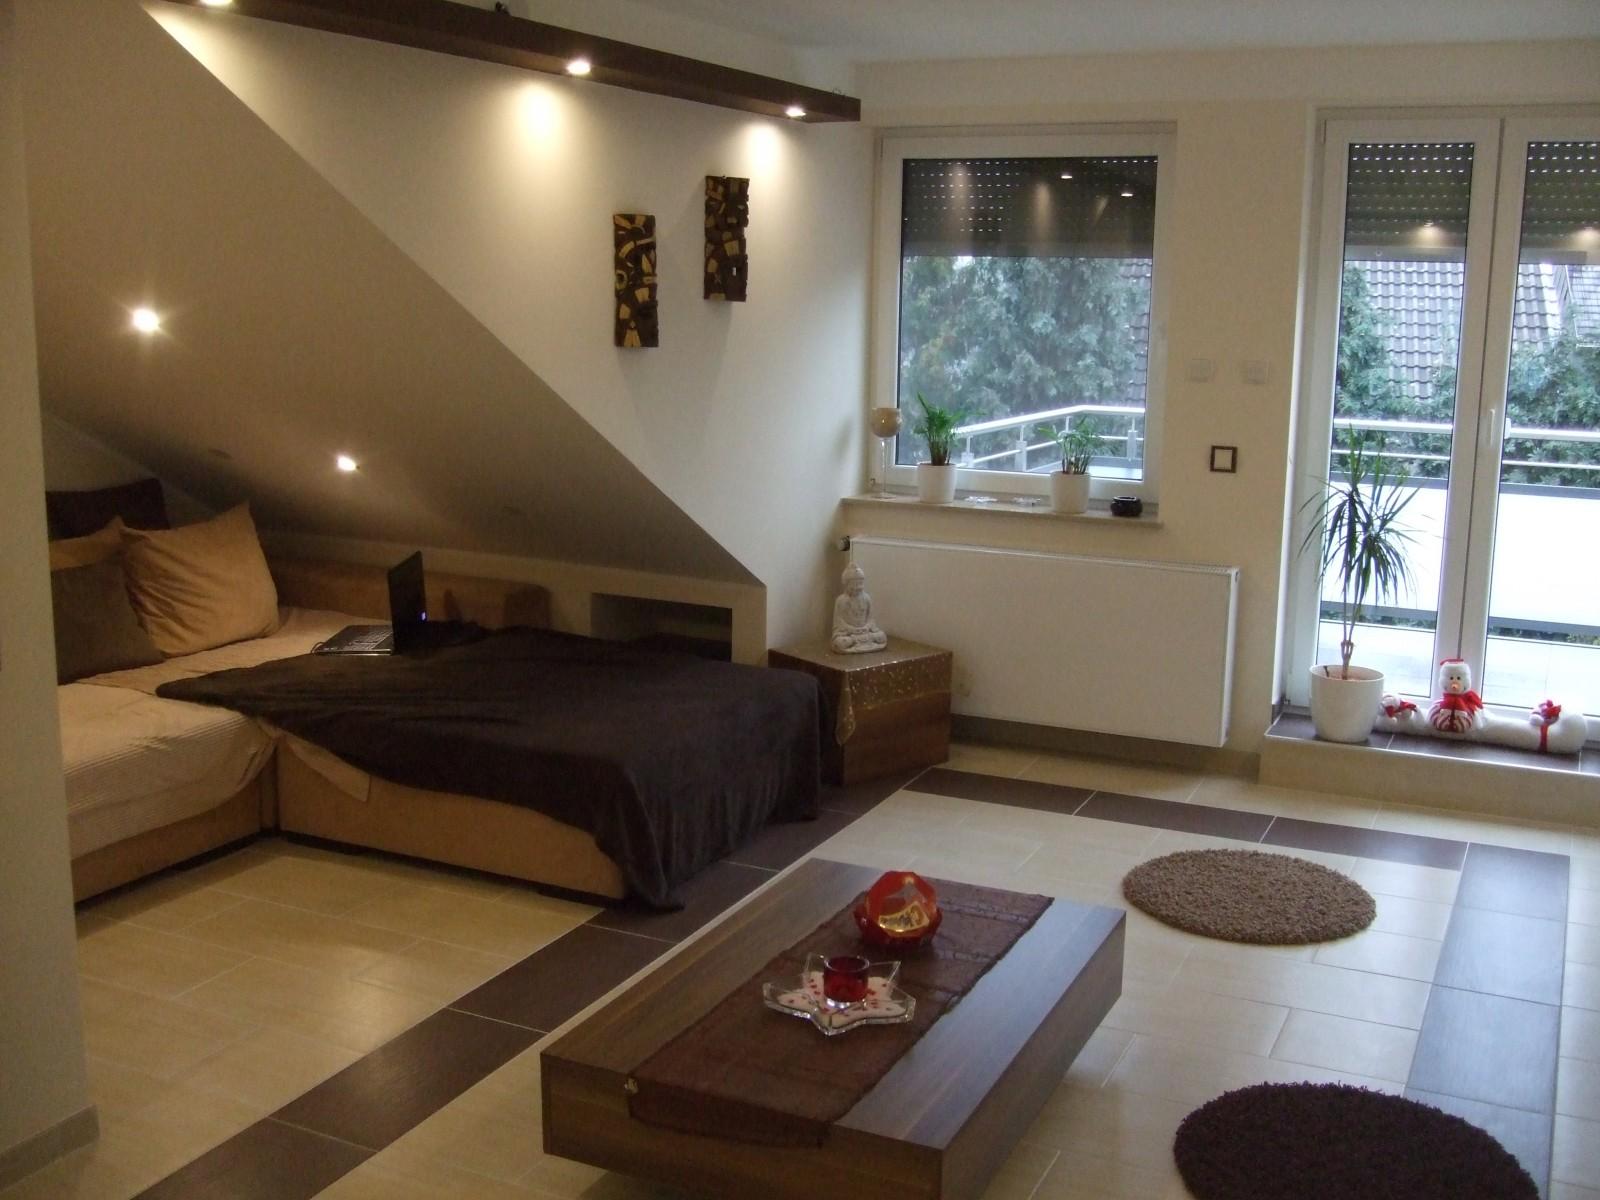 Best Wohnzimmer Mit Dachschräge Pics - hiketoframe.com ...